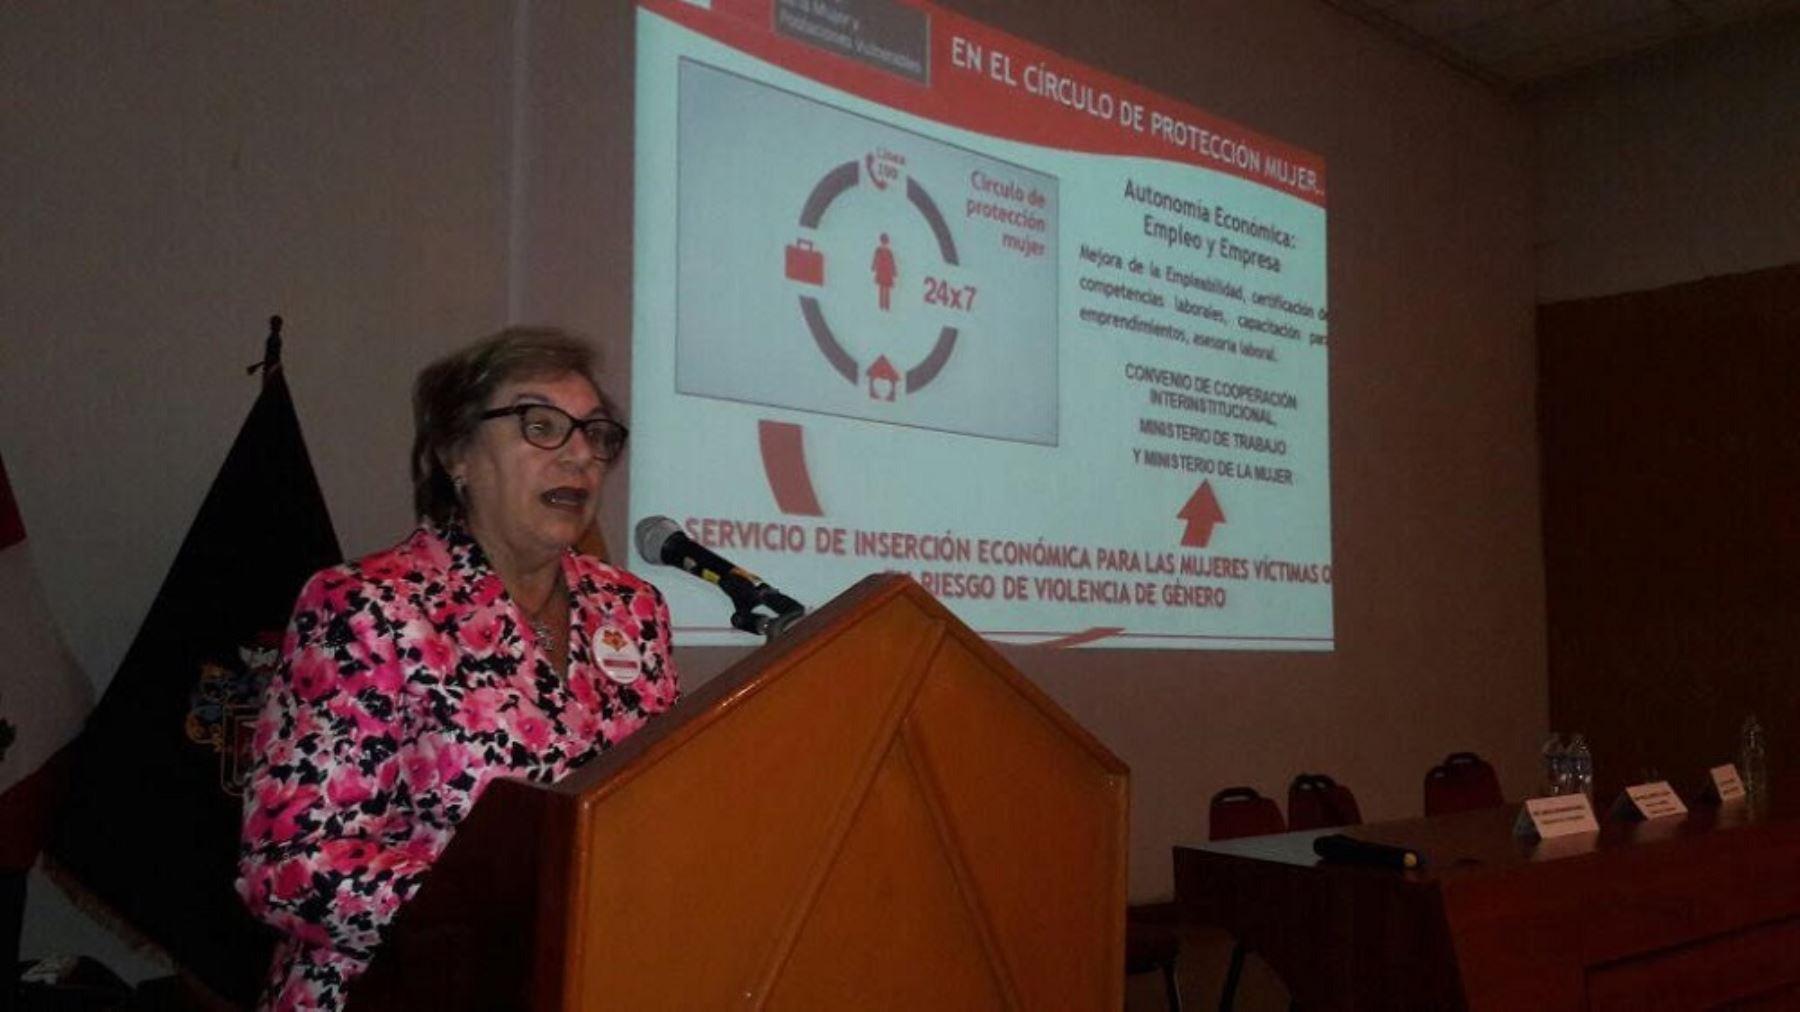 La ministra de la Mujer y Poblaciones Vulnerables, Ana María Romero-Lozada, participó en la segunda sesión de la Instancia Regional de Concertación, espacio donde las autoridades articulan esfuerzos para atender y prevenir los casos de violencia.